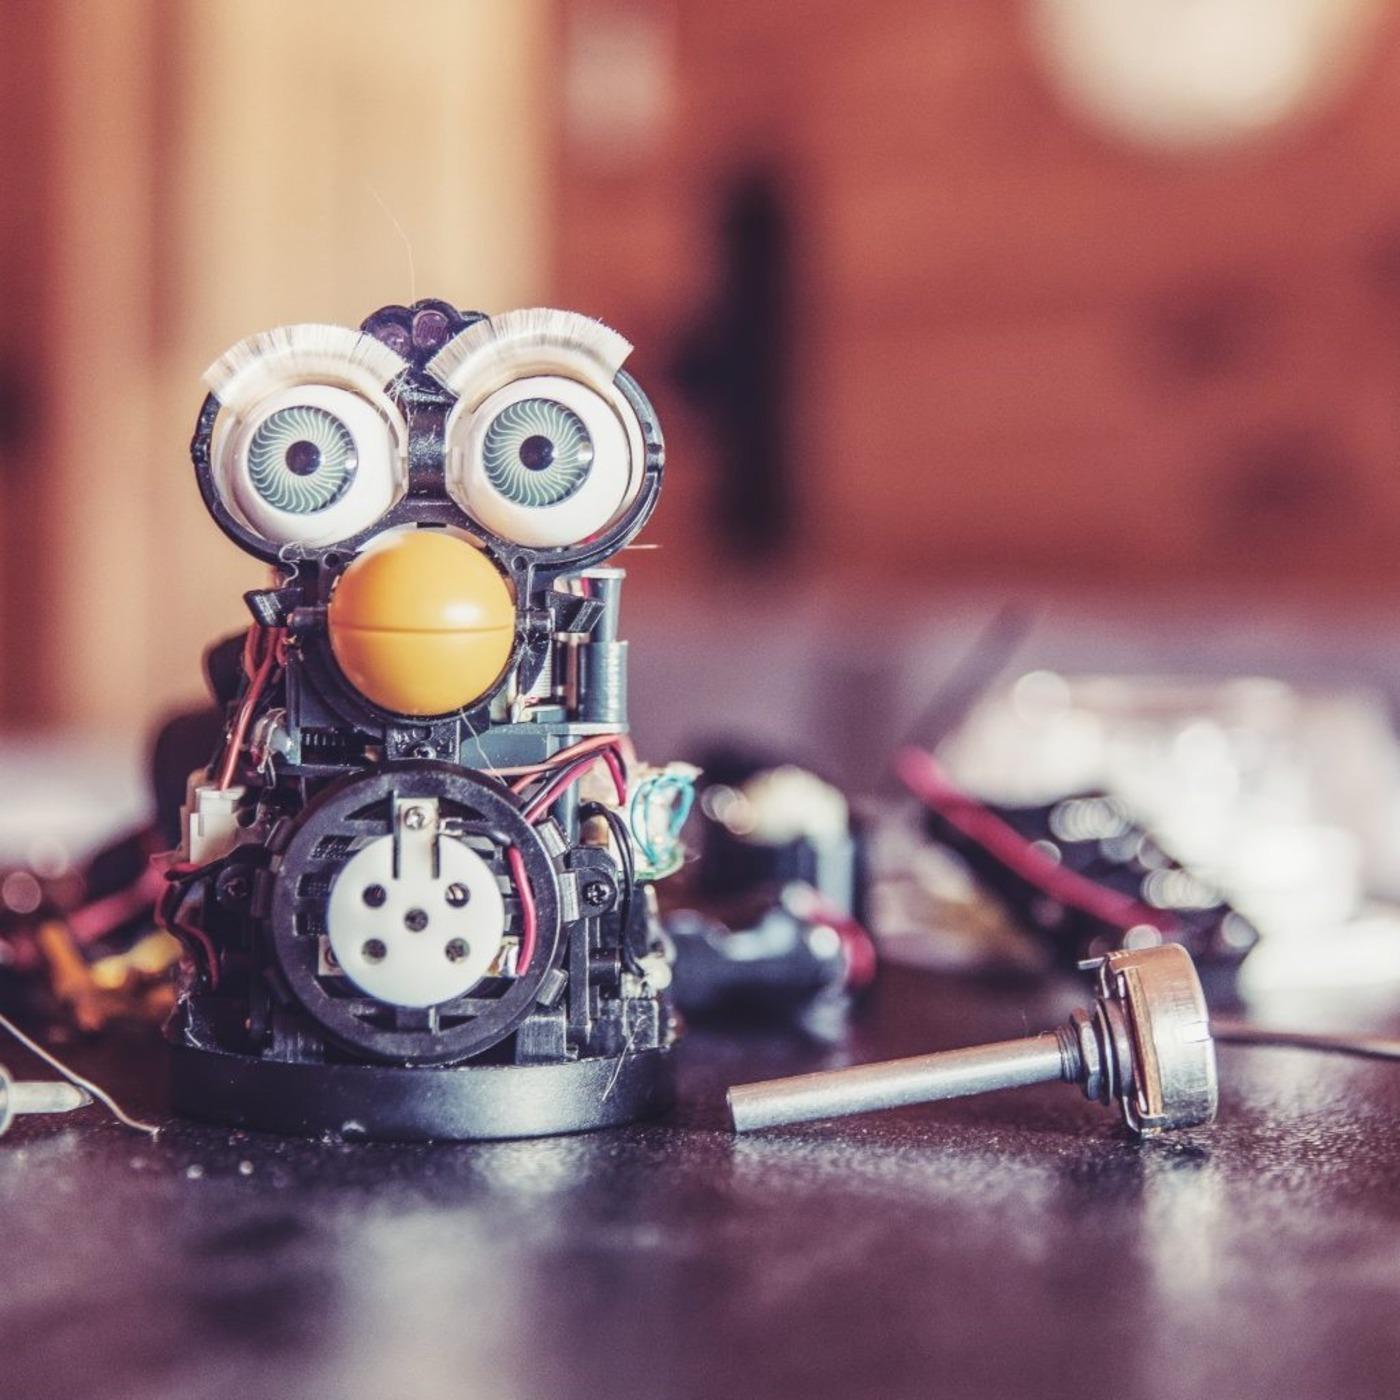 Geekeries lyonnaises et joyeusetés transmédias | avec Faouzi Boughida